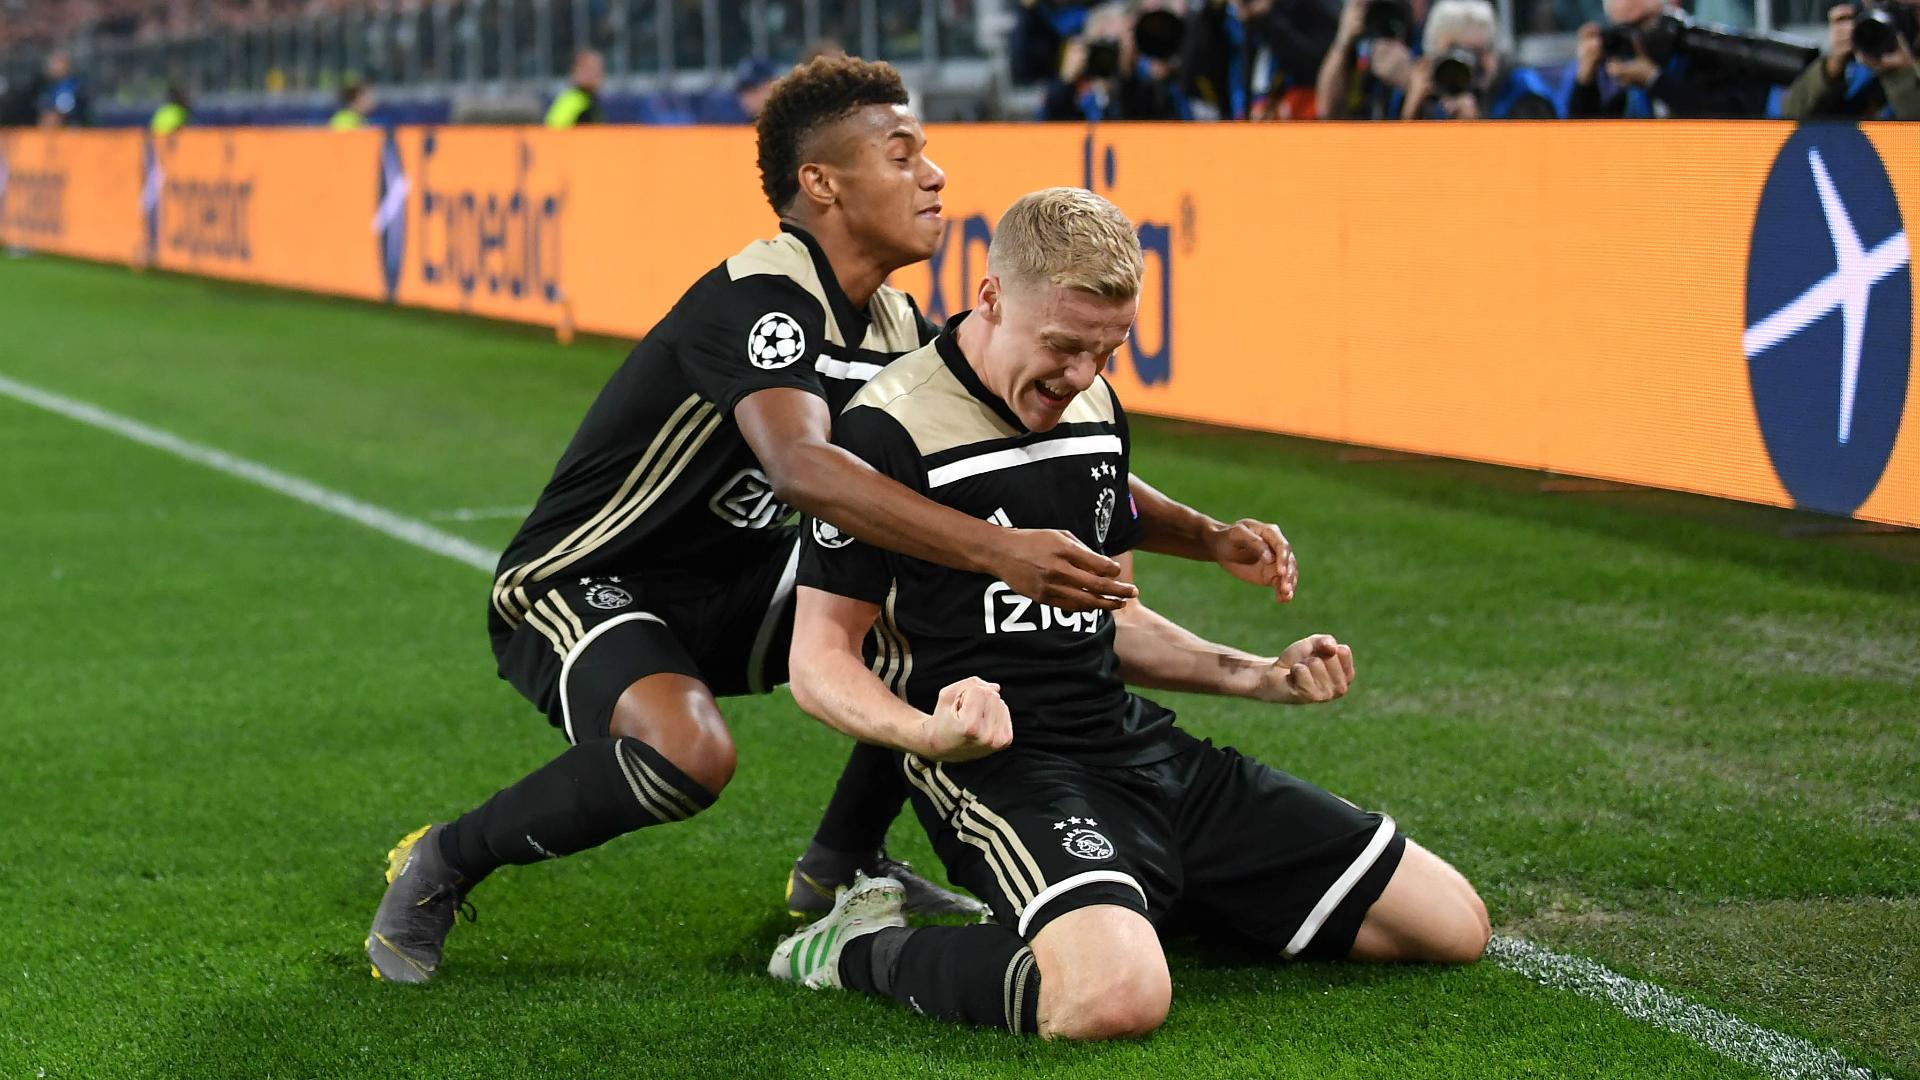 Juventus 1 Ajax 2 (2-3 agg): Van de Beek, De Ligt complete incredible comeback